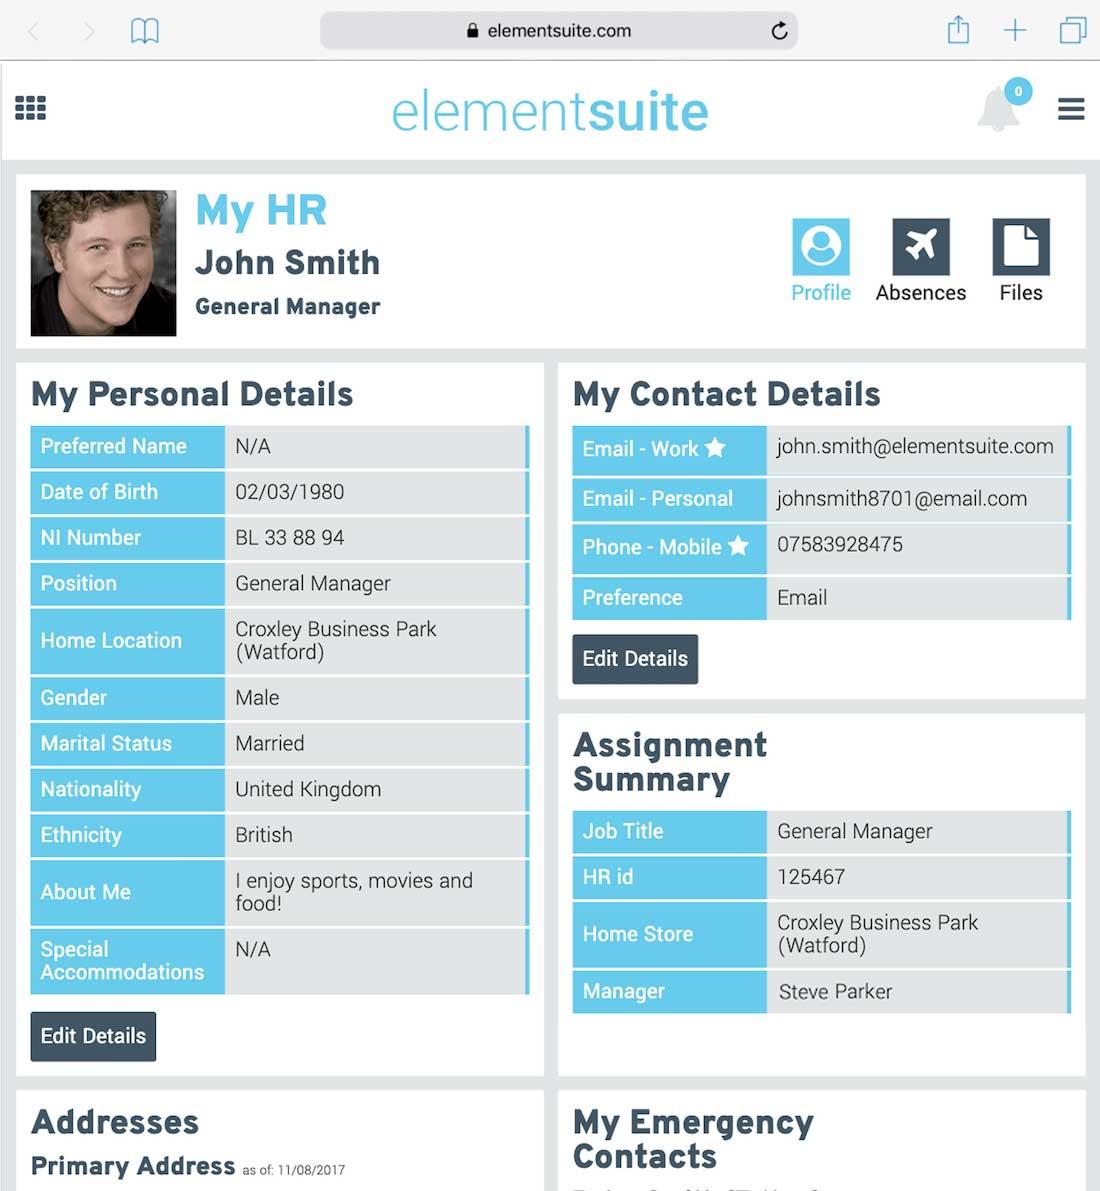 elementsuite-hr-image-tablet